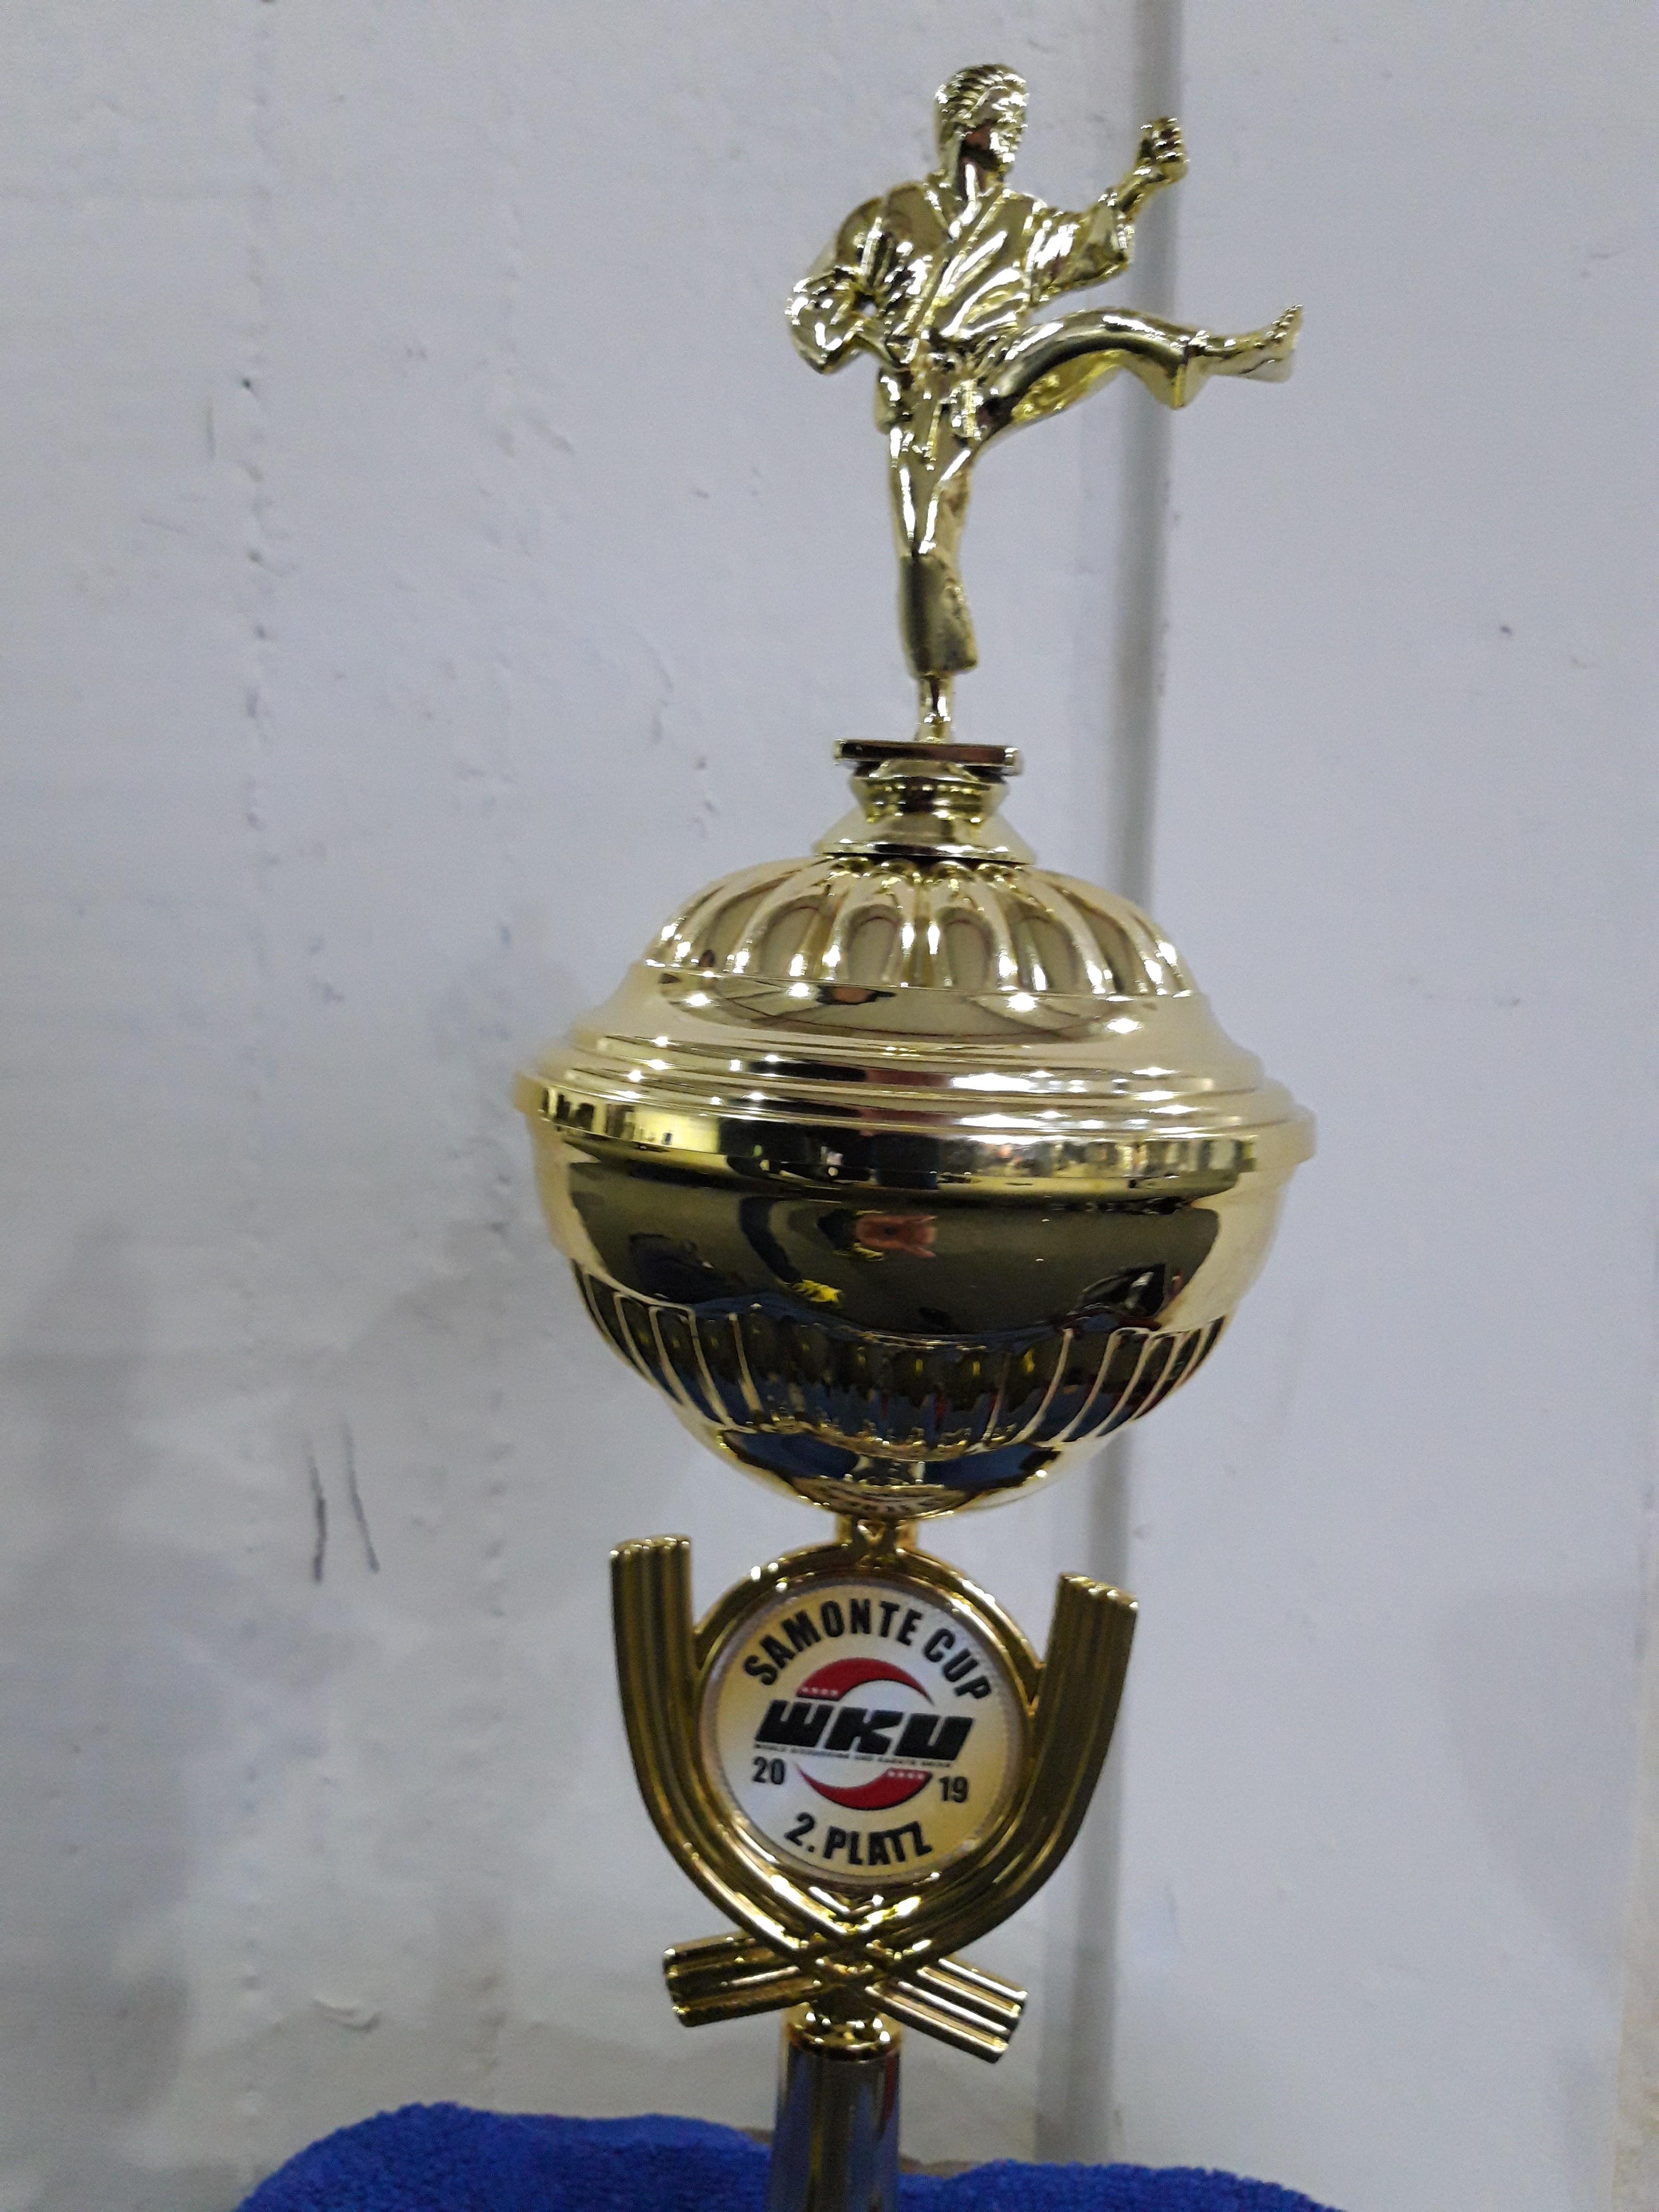 2. Platz Pokal